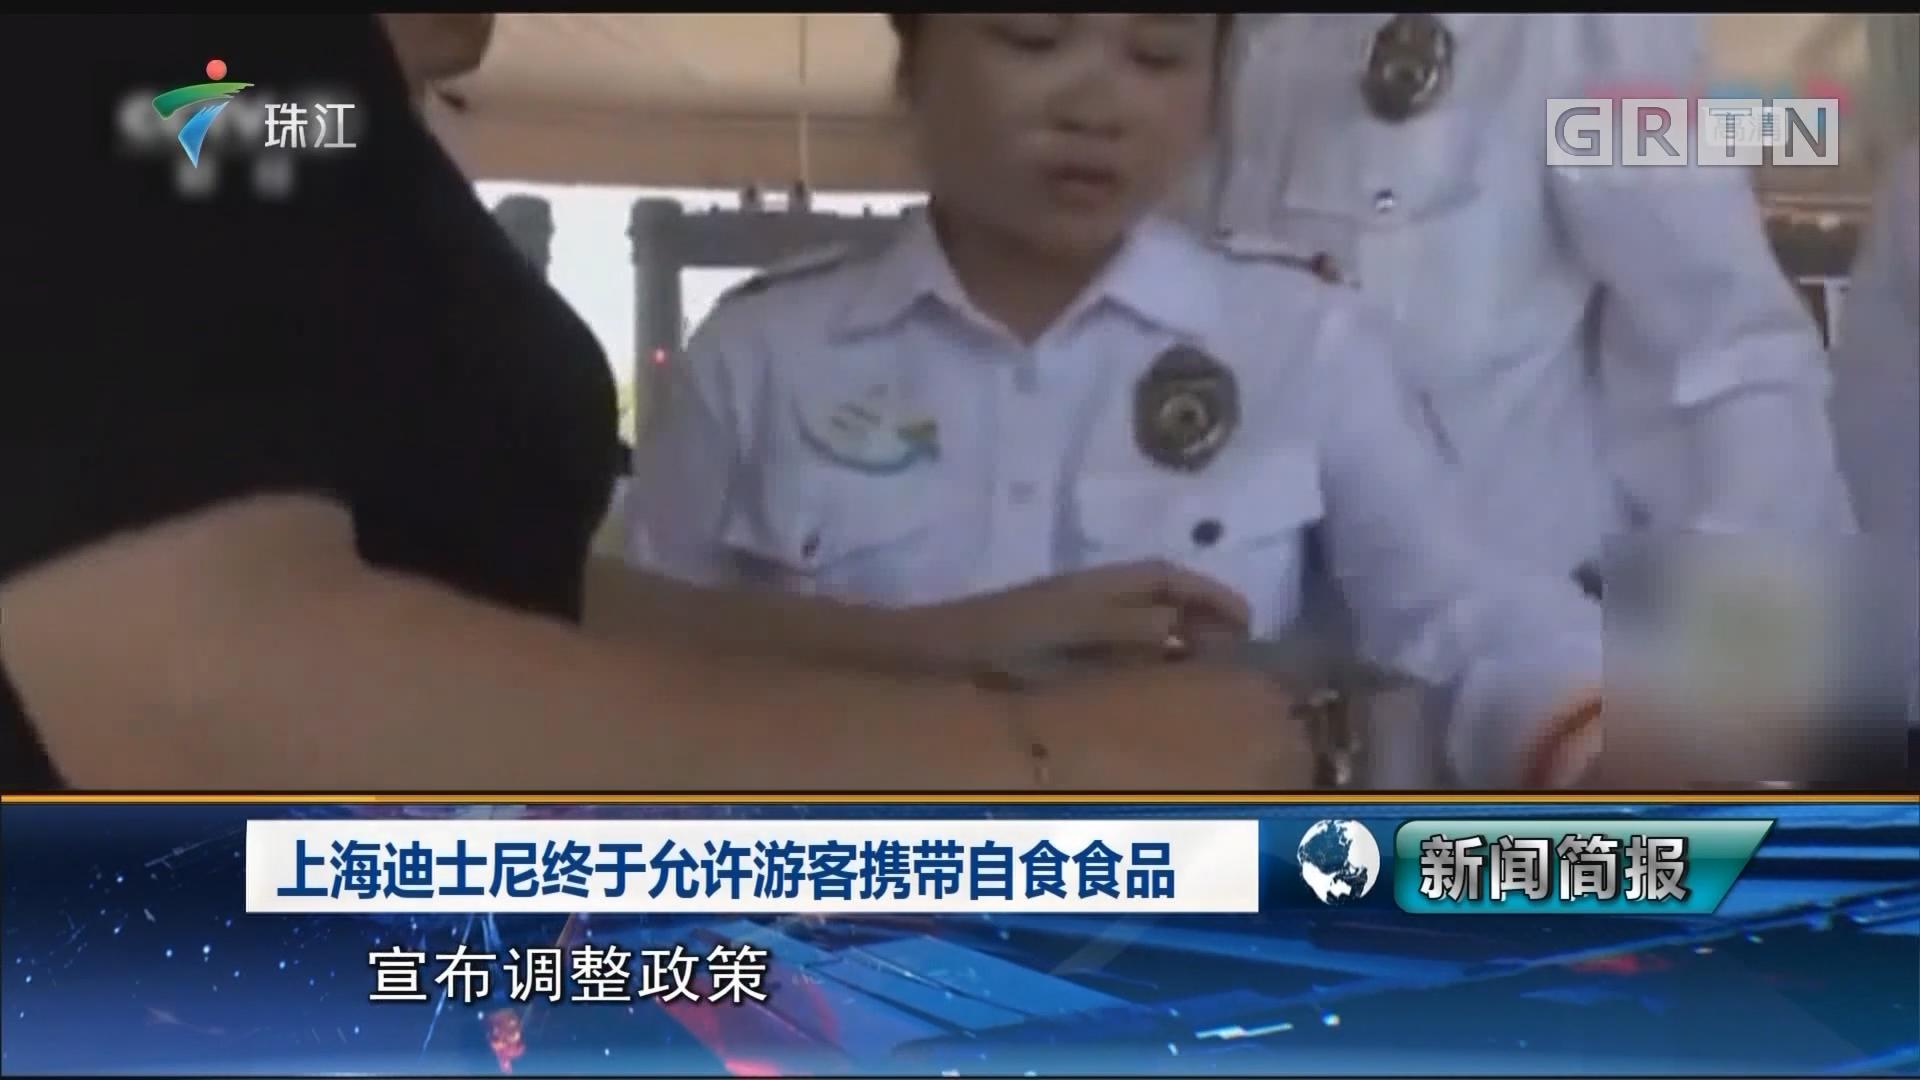 上海迪土尼终于允许游客携带自食食品